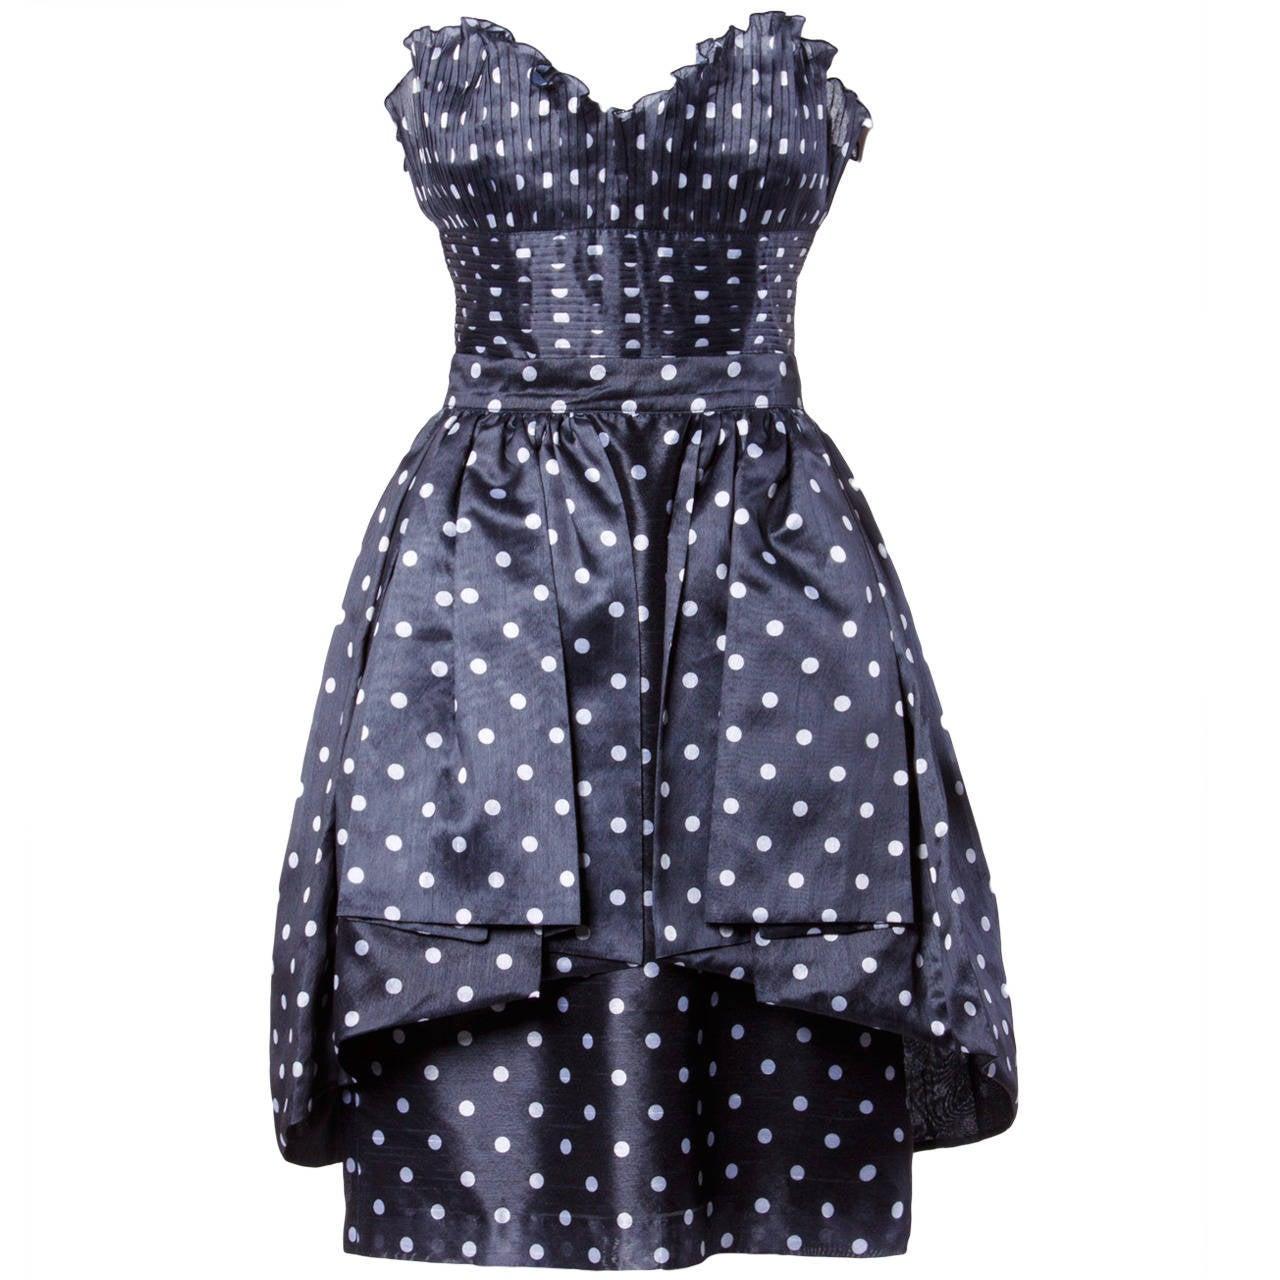 Loris Azzaro Vintage Polka Dot Bustier Top + Skirt 2-Piece Dress Ensemble